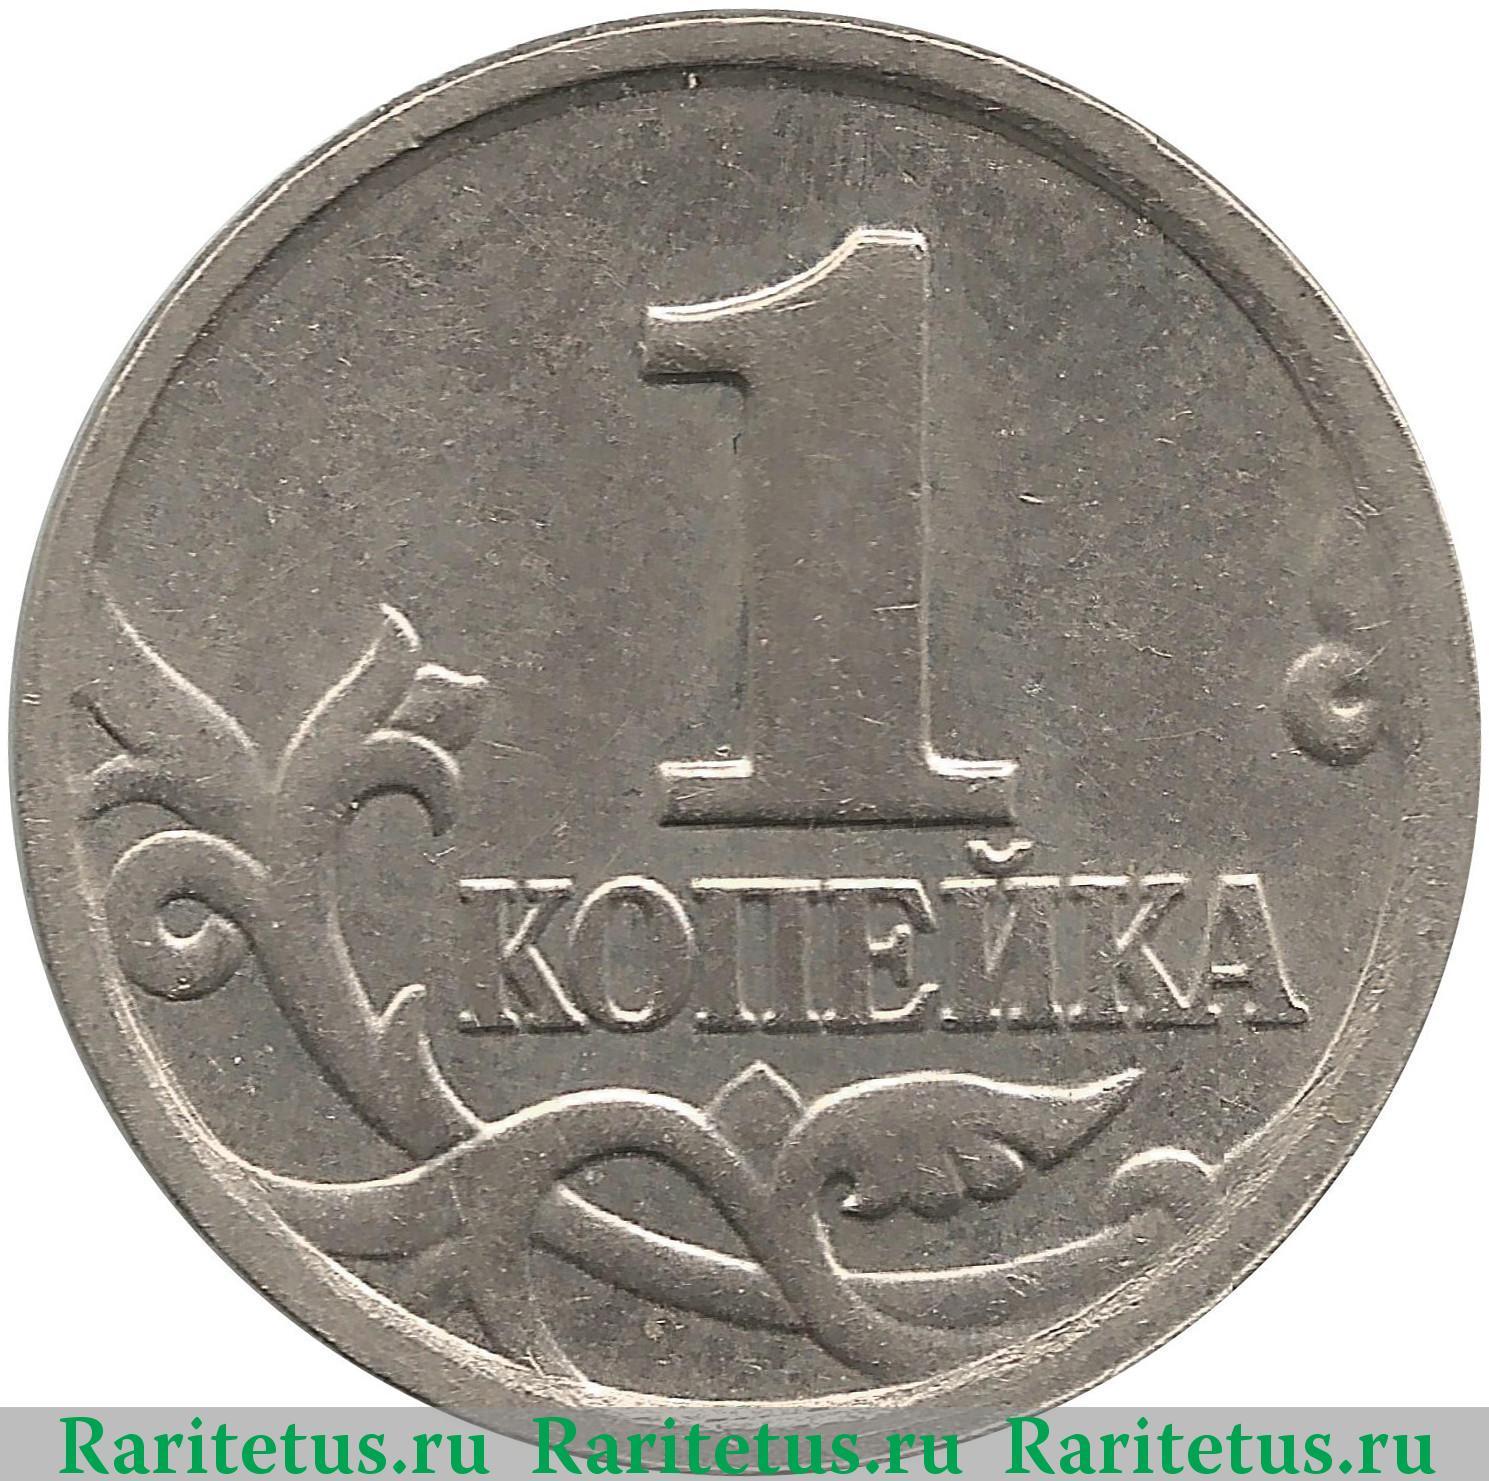 1 копейка 2004 украина цена антиквариат в подольске